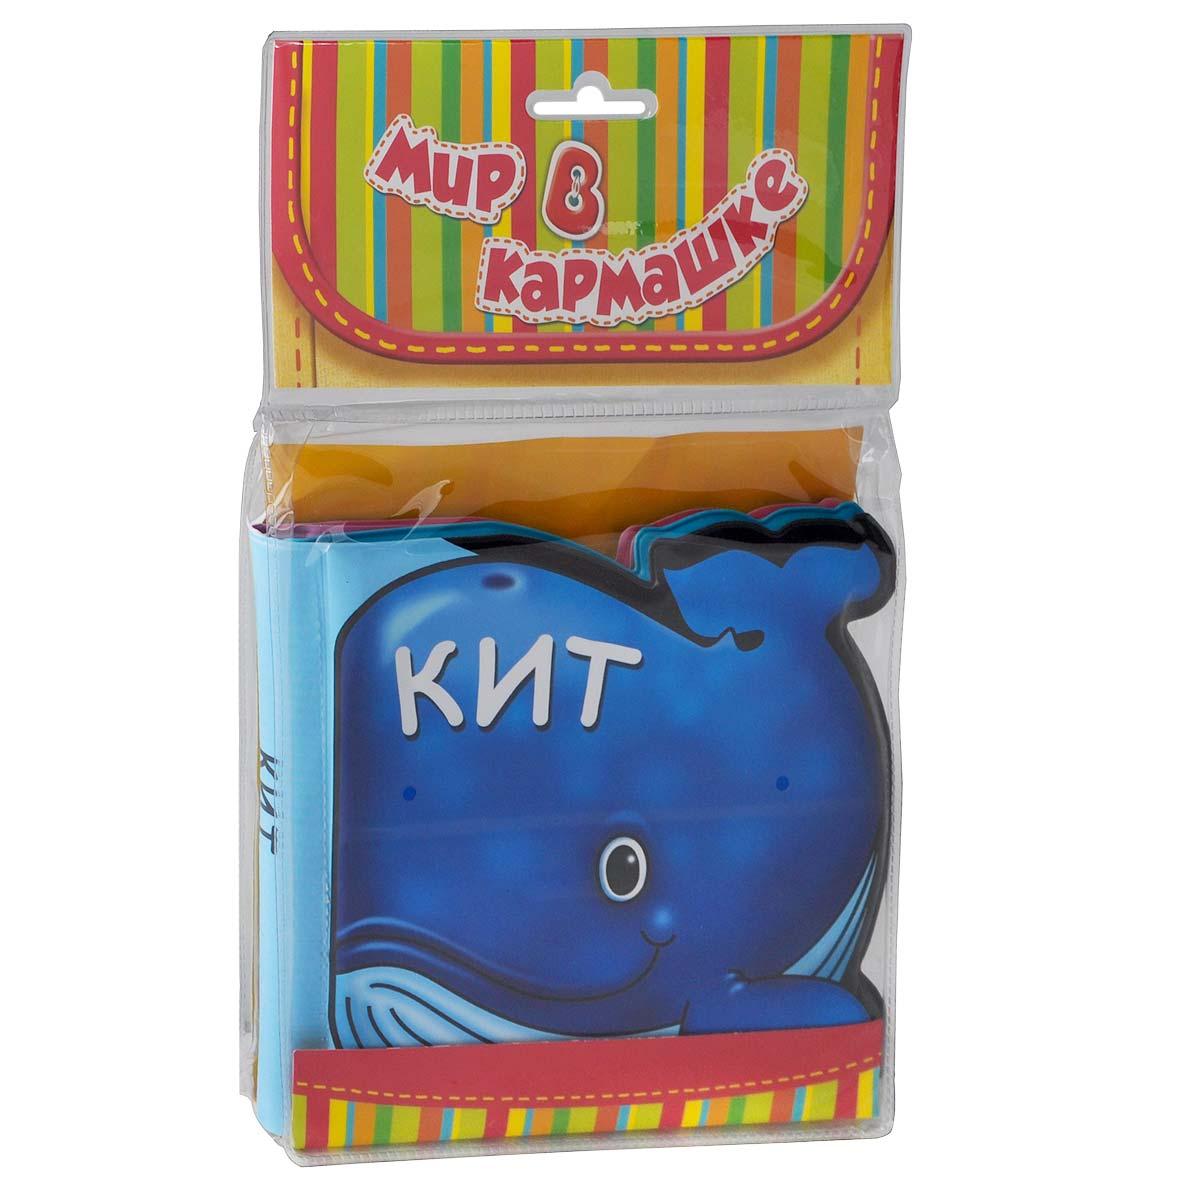 Кит. Книжка-игрушка12296407Книжка-игрушка для ванной выполнена из специального водонепроницаемого прочного материала, приятного на ощупь. Теперь вам не нужно специально выделять время на книжки - она станет приятным сопровождением ежедневных забот о малыше: с ней можно купаться, есть и засыпать! Разработанные с участием компетентных педагогов и детских психологов, наши книжки-игрушки станут незаменимыми помощниками в развитии малыша. Яркие картинки, веселые тексты, приятные на ощупь материалы принесут радость и удовольствие, а также будут развивать мышление, внимание, мелкую моторику и речевые навыки.